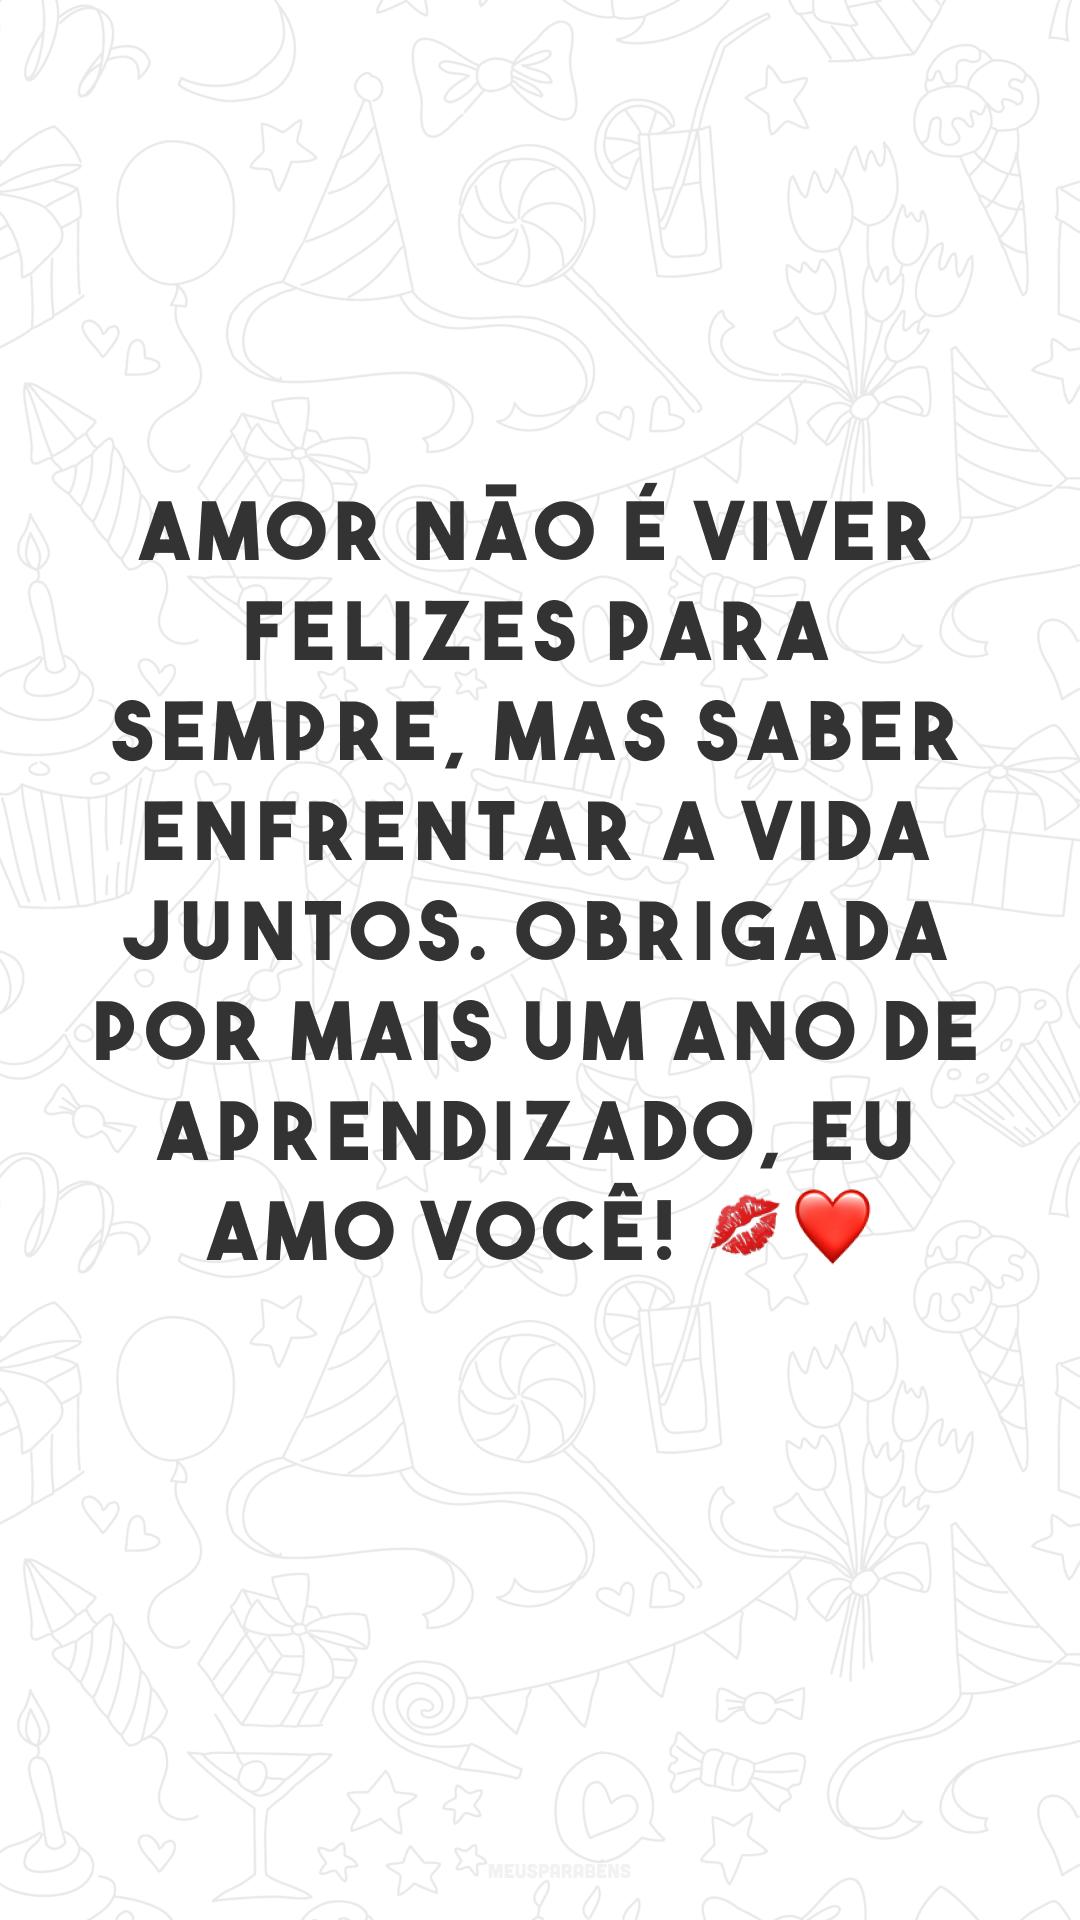 Amor não é viver felizes para sempre, mas saber enfrentar a vida juntos. Obrigada por mais um ano de aprendizado, eu amo você! ?❤